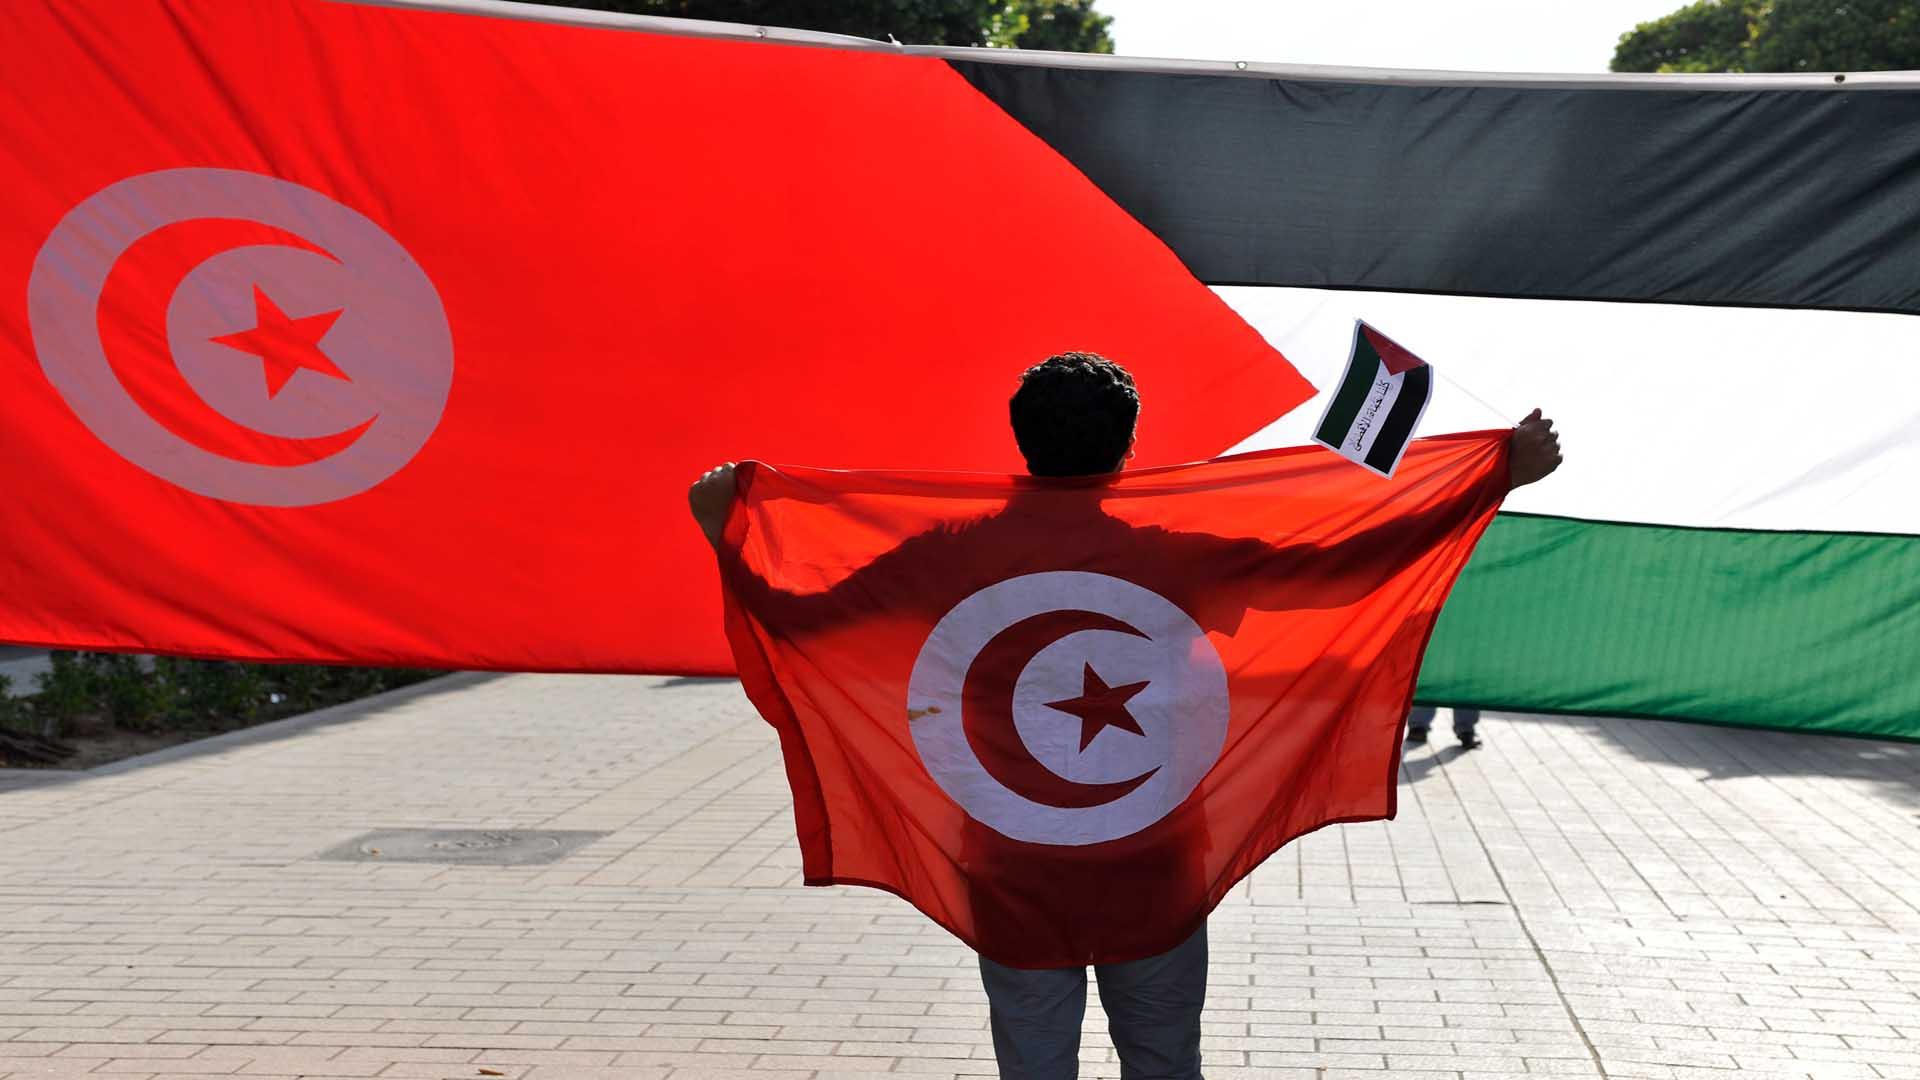 فلسطين تتبرع لتونس بـ50 جهاز أكسجين مكثف